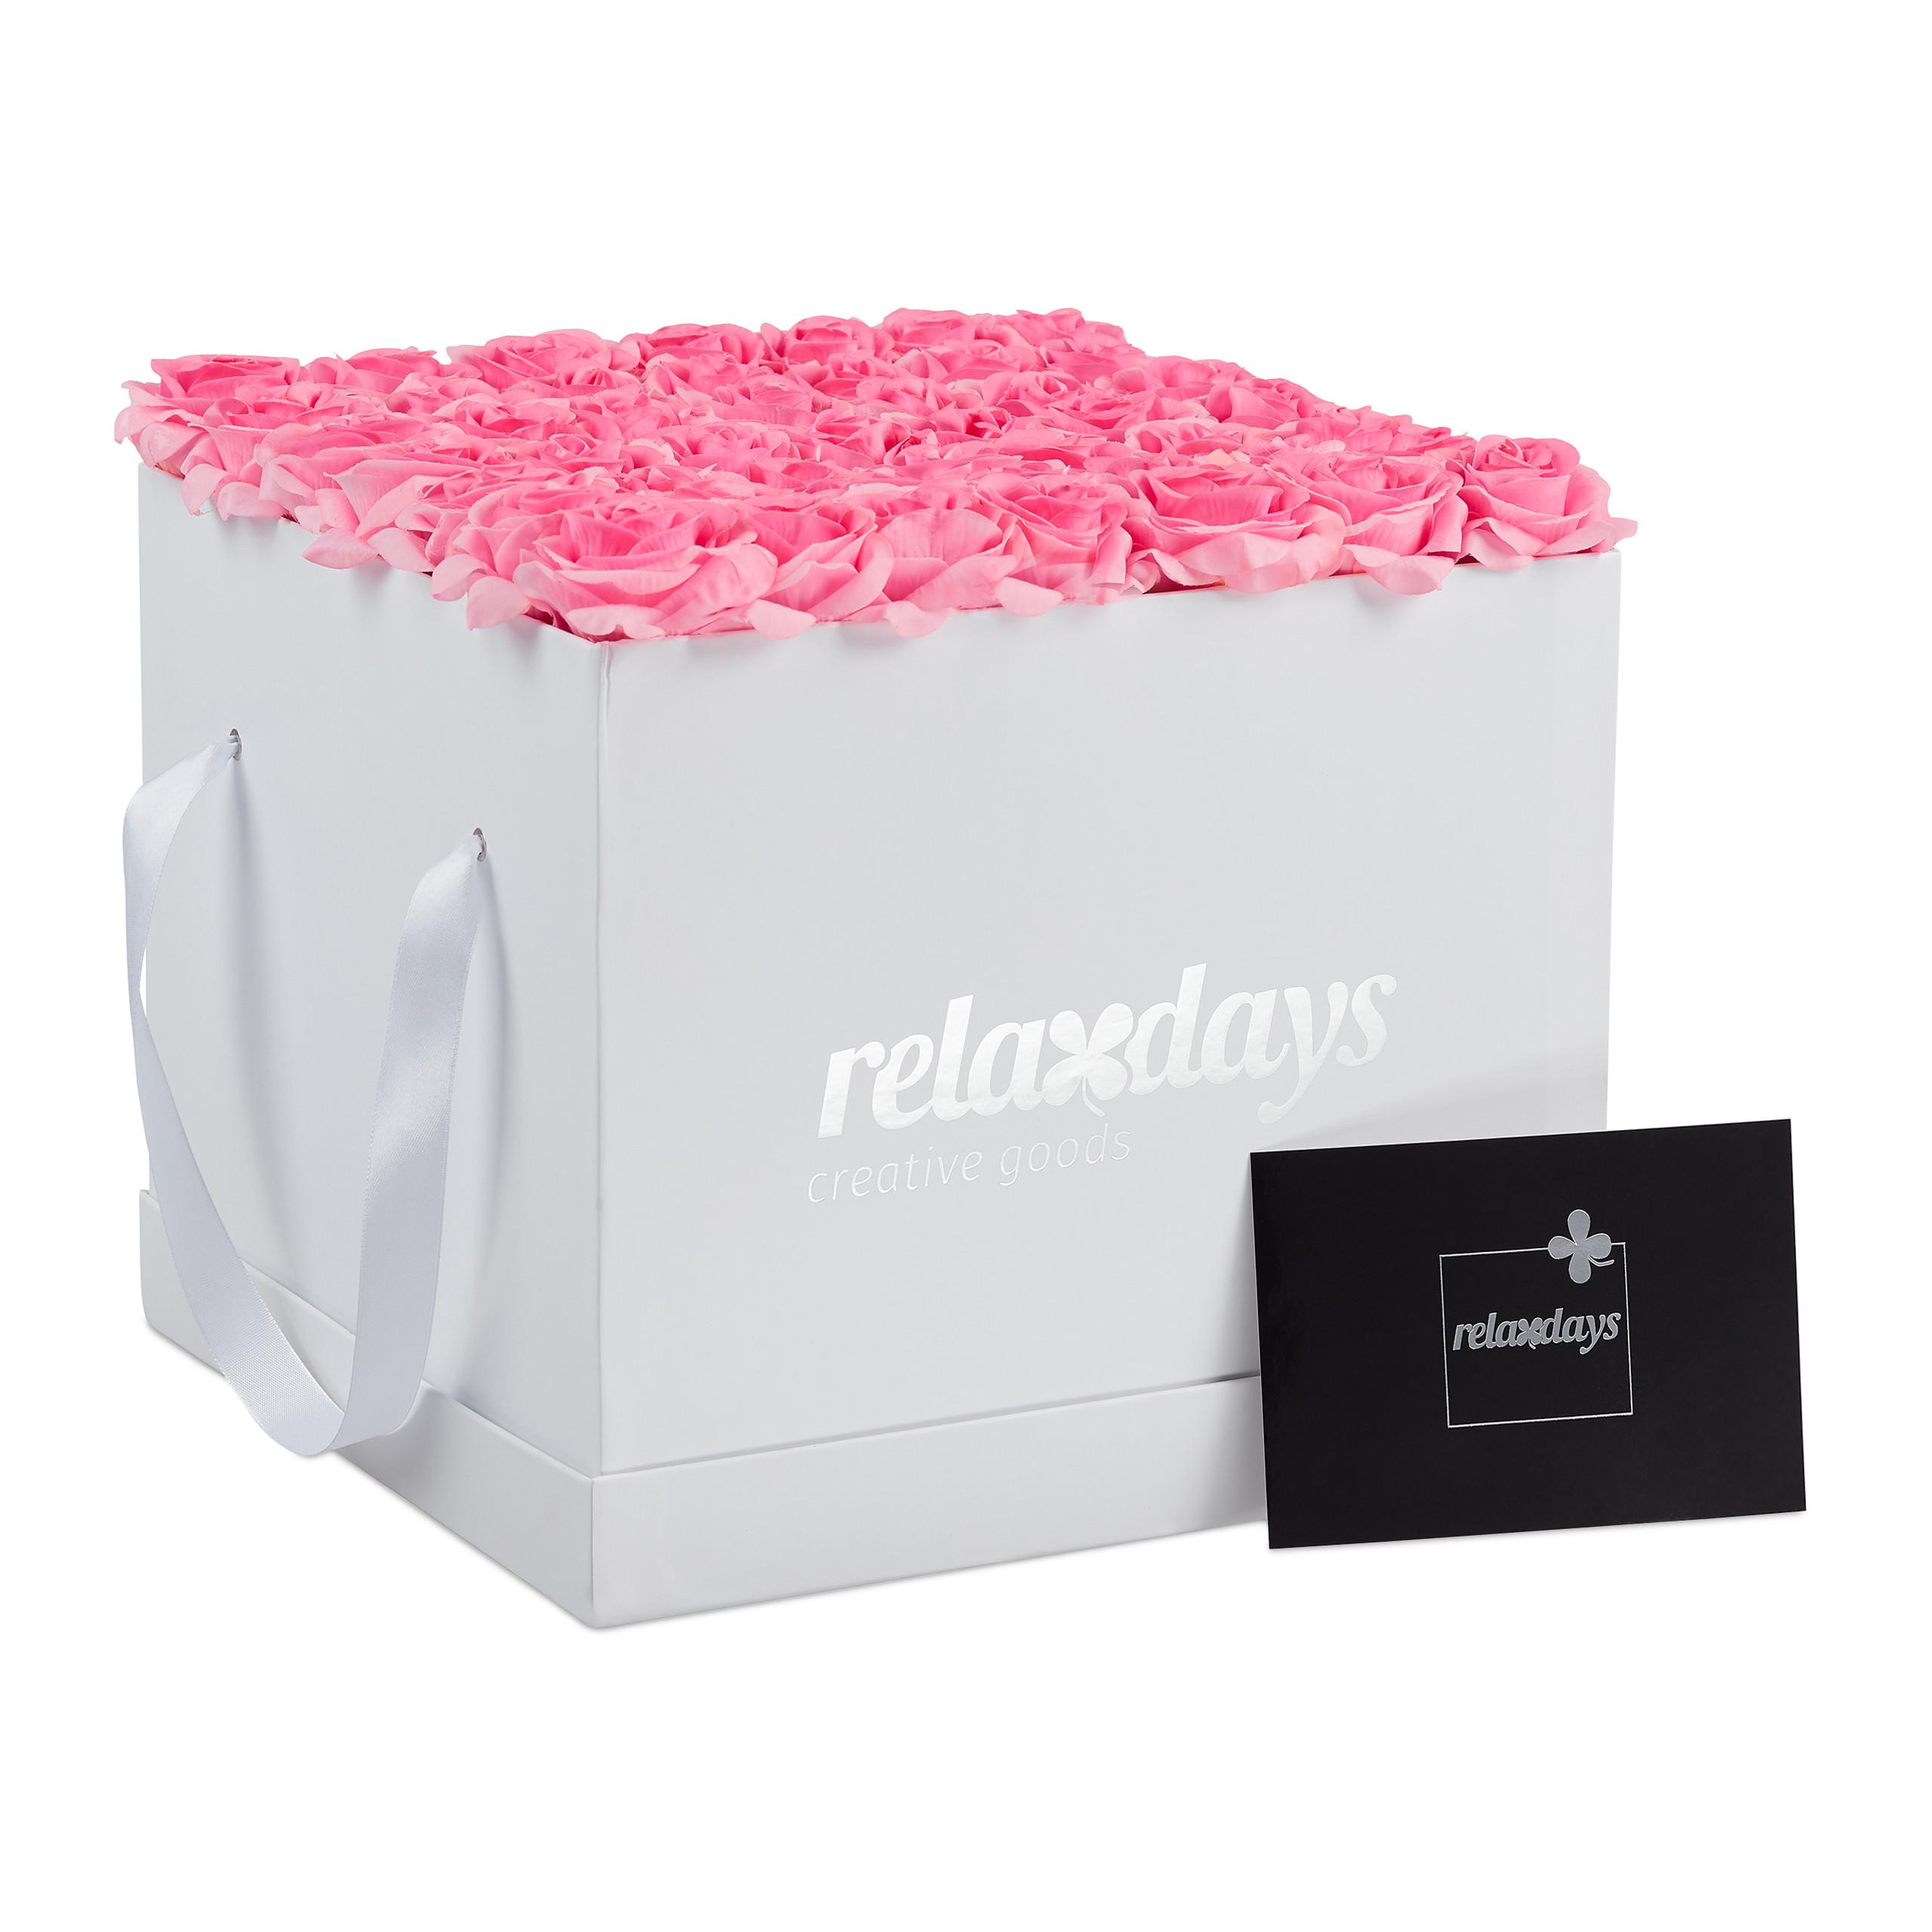 Rosenbox-Flowerbox-49-Kunstblumen-Valentinstag-Blumenbox-Deko-Ewige-Rosen-eckig Indexbild 5